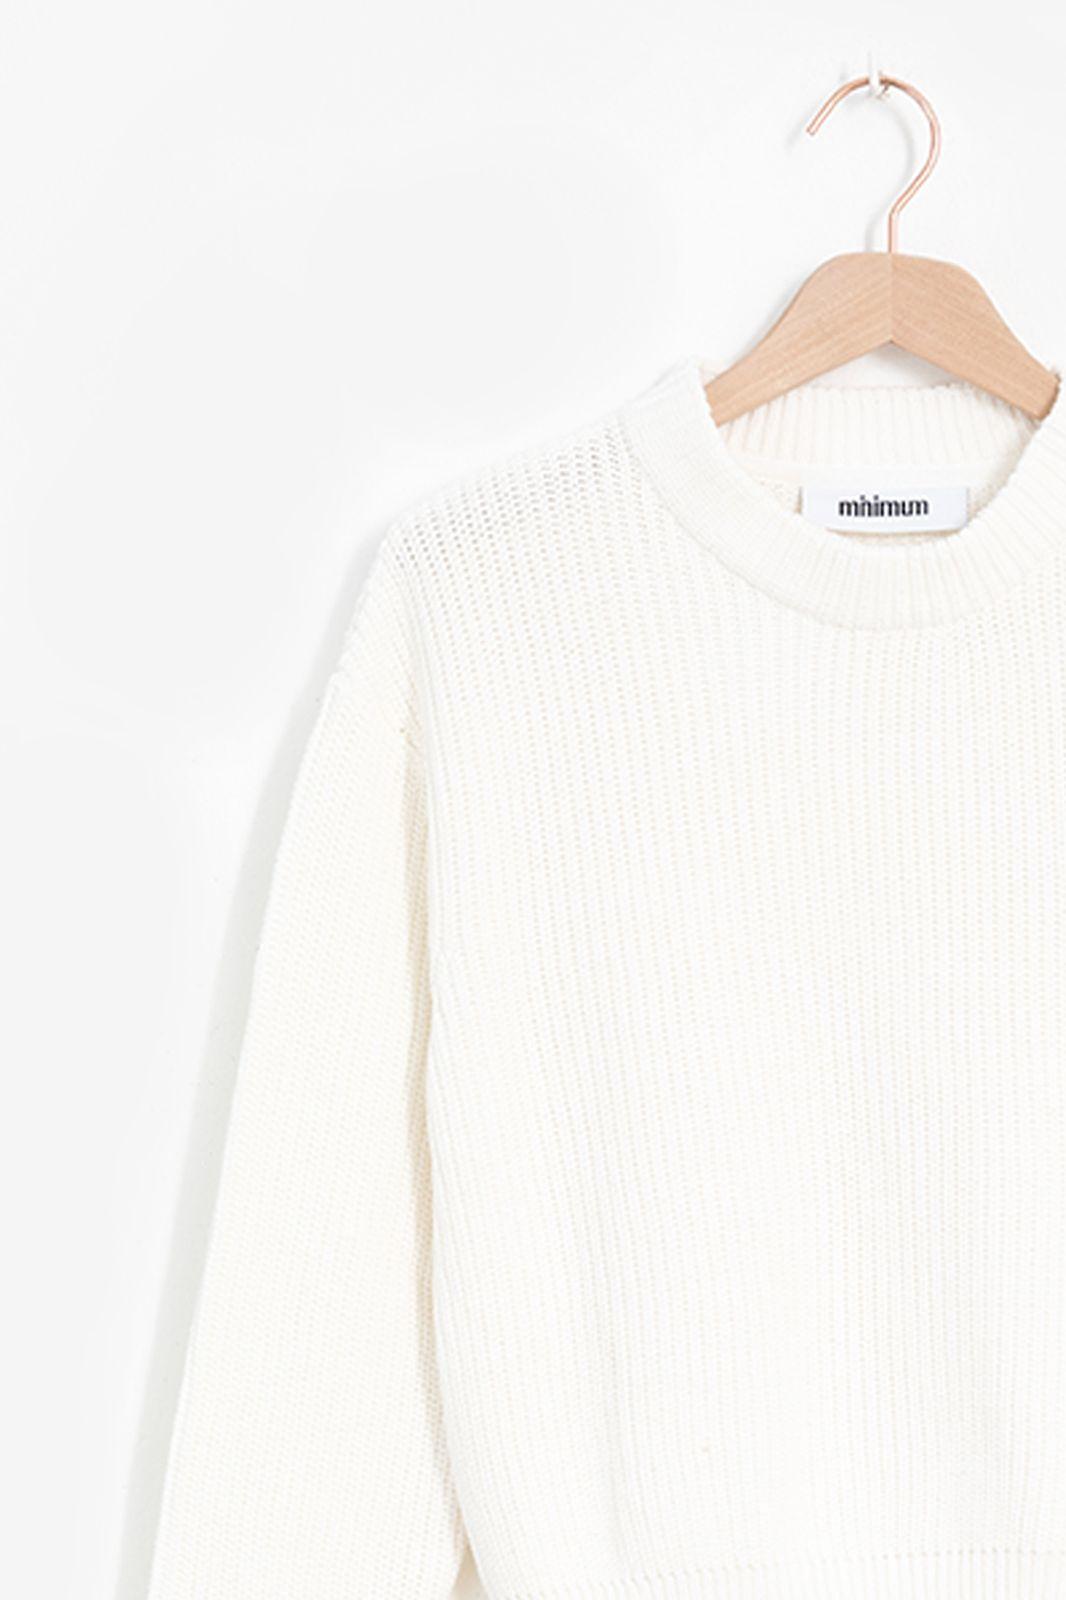 Minimum witte gebreide trui